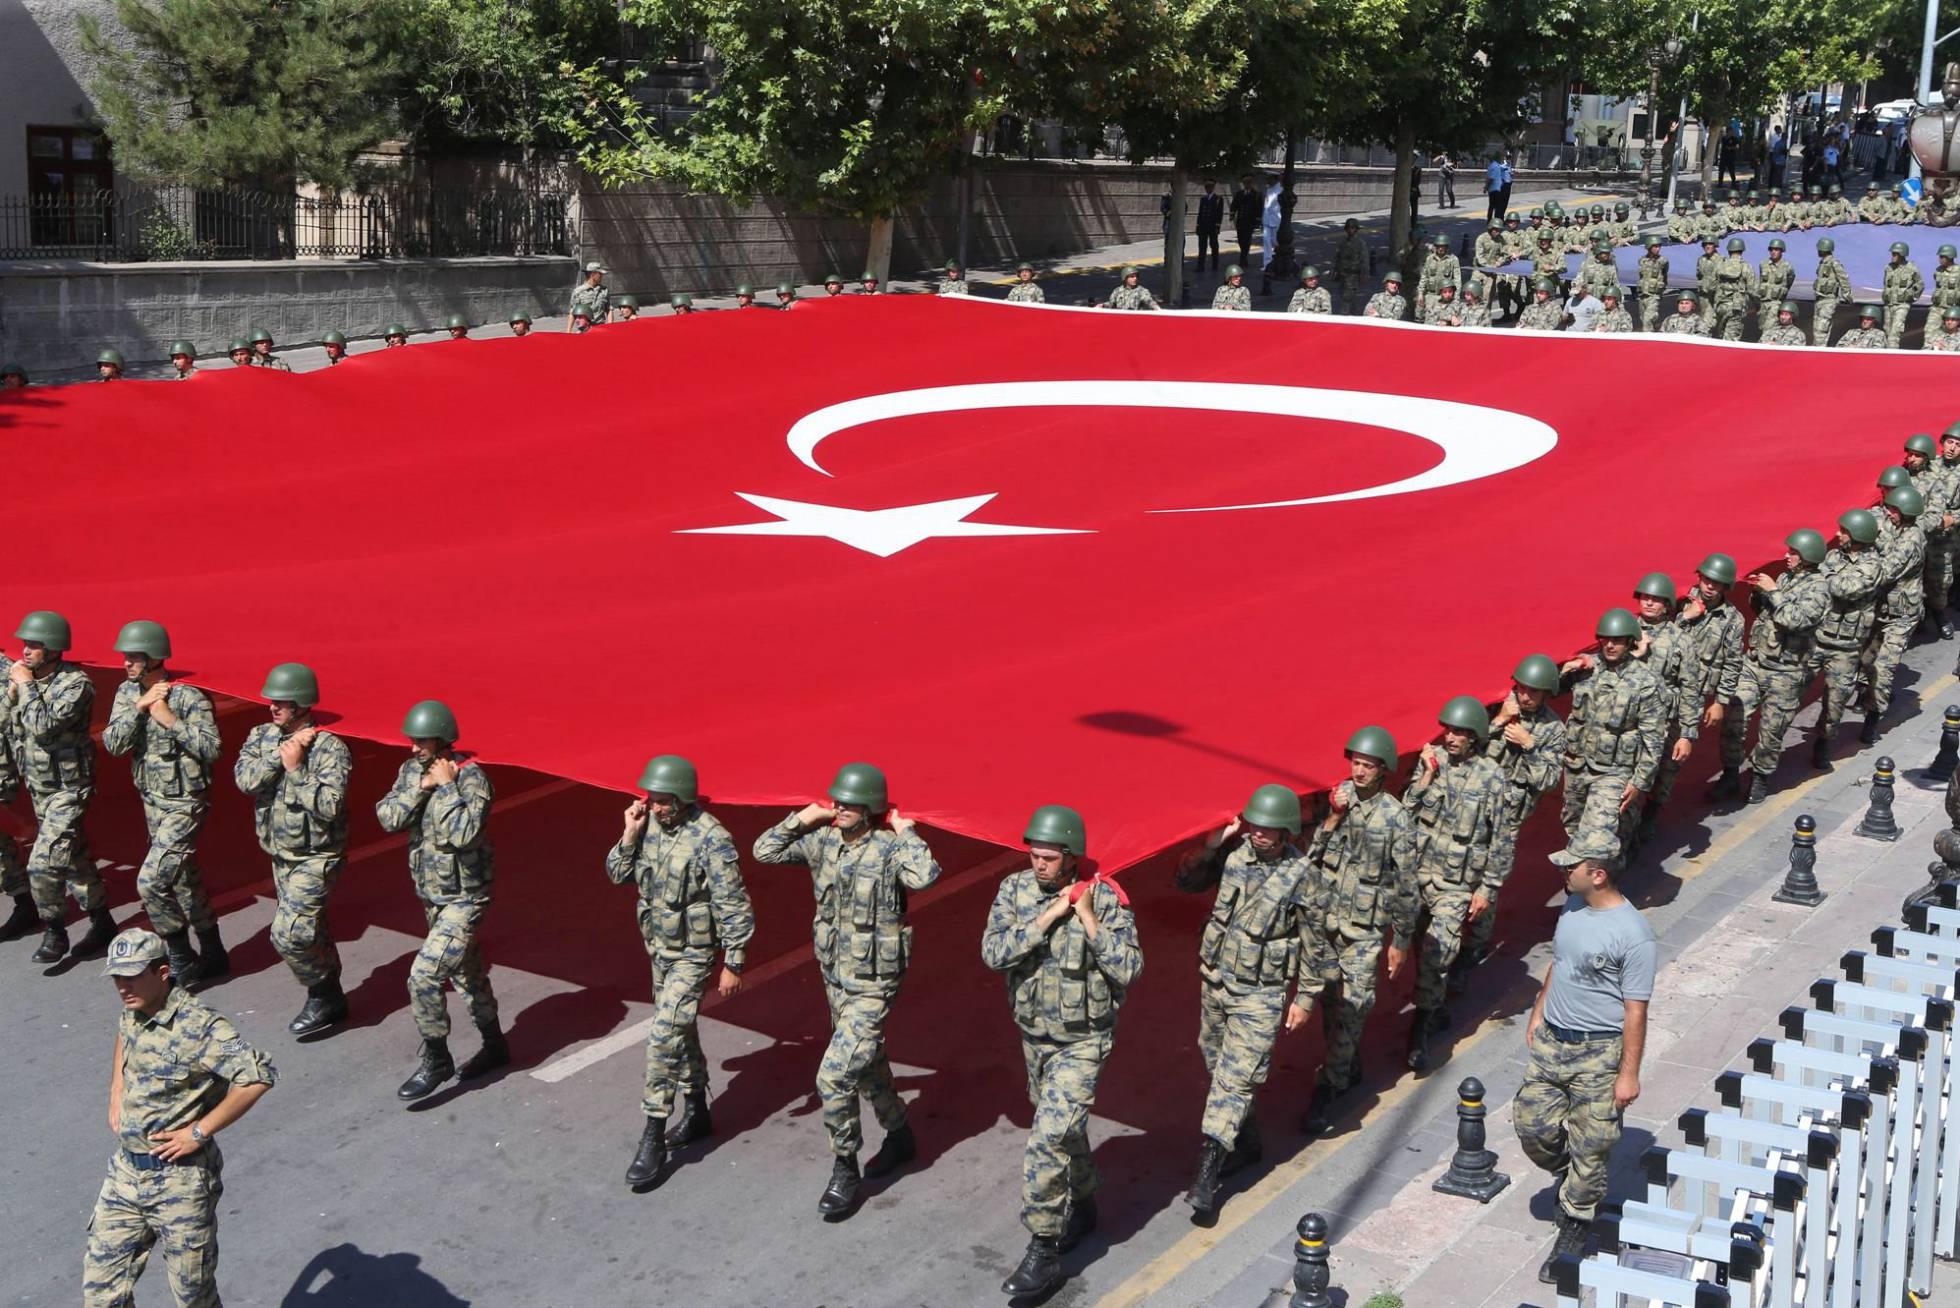 Golpe de estado en Turquia - Página 6 1472575760_091519_1472576098_noticia_normal_recorte1